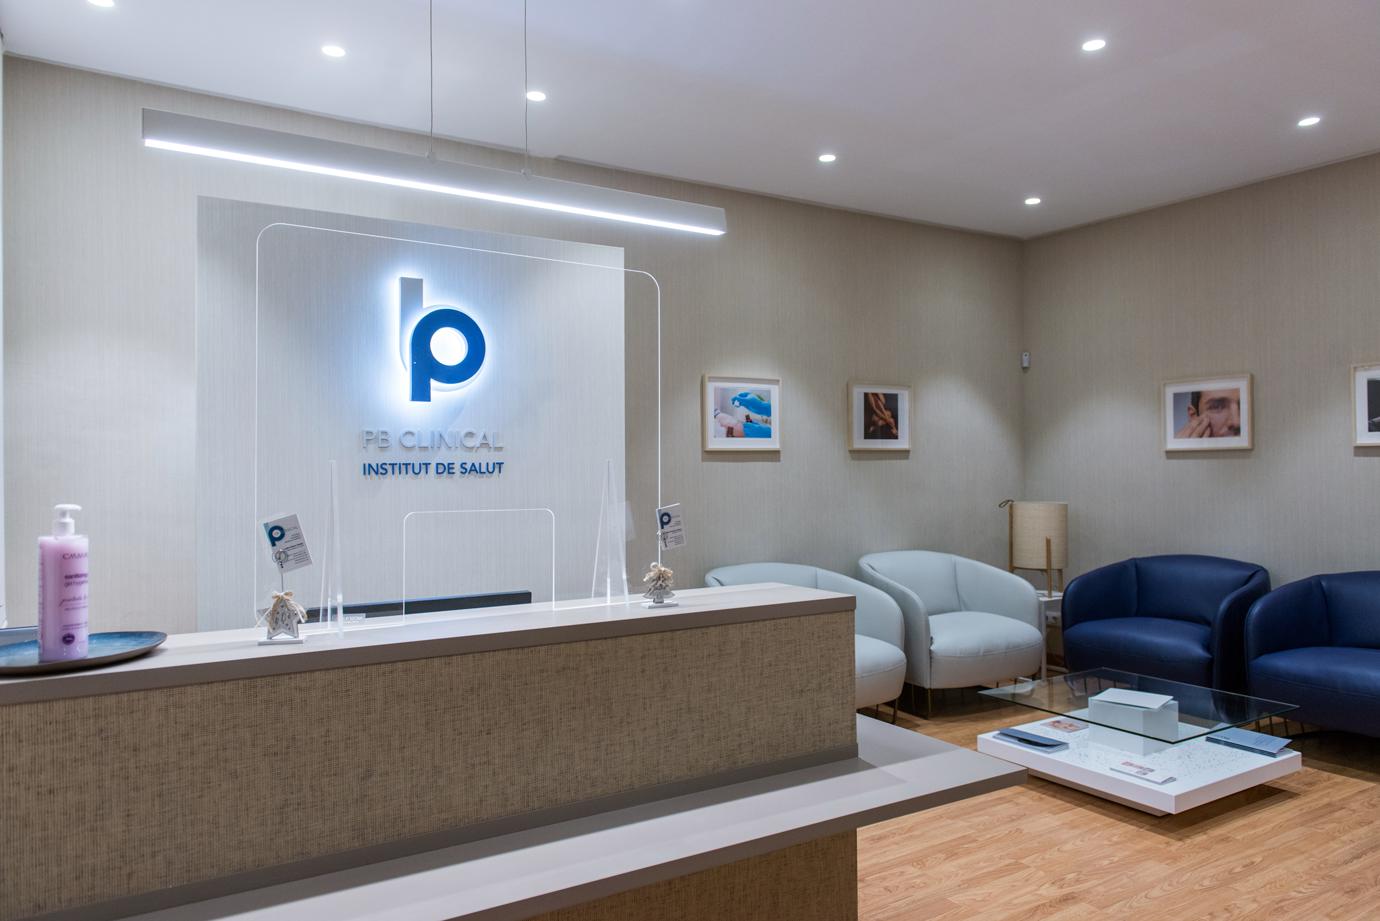 Instituto de Salud PB Clinical